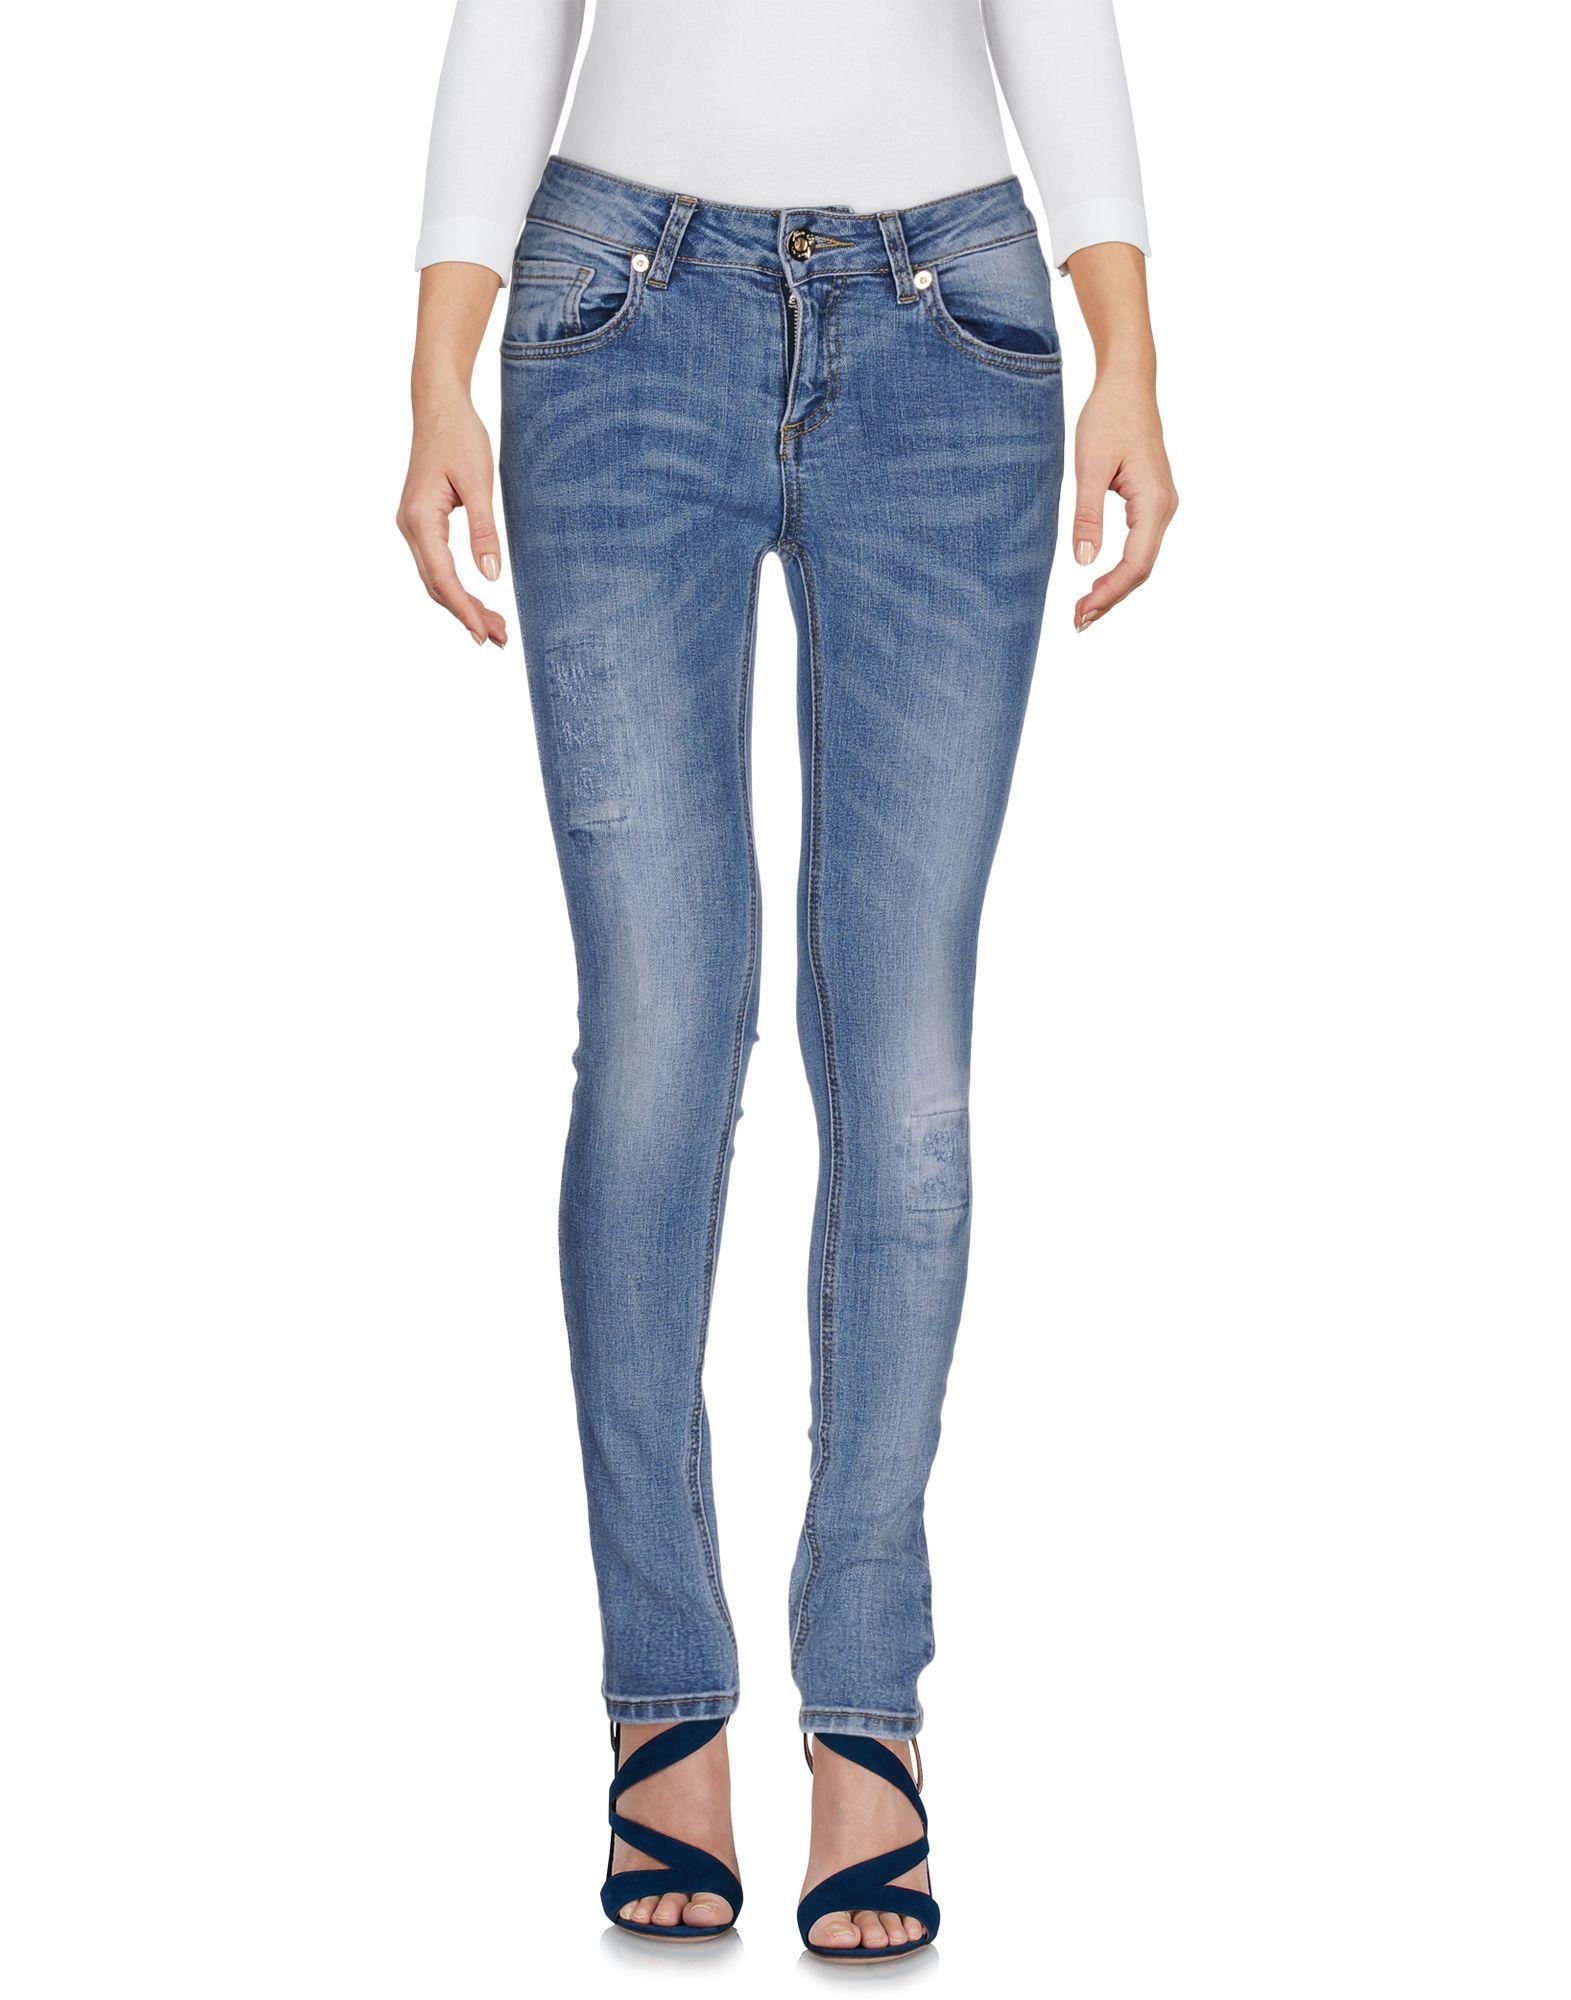 Discount Newest Wide Range Of For Sale DENIM - Denim trousers Kor@kor Discount Exclusive J1SNwzSZmx